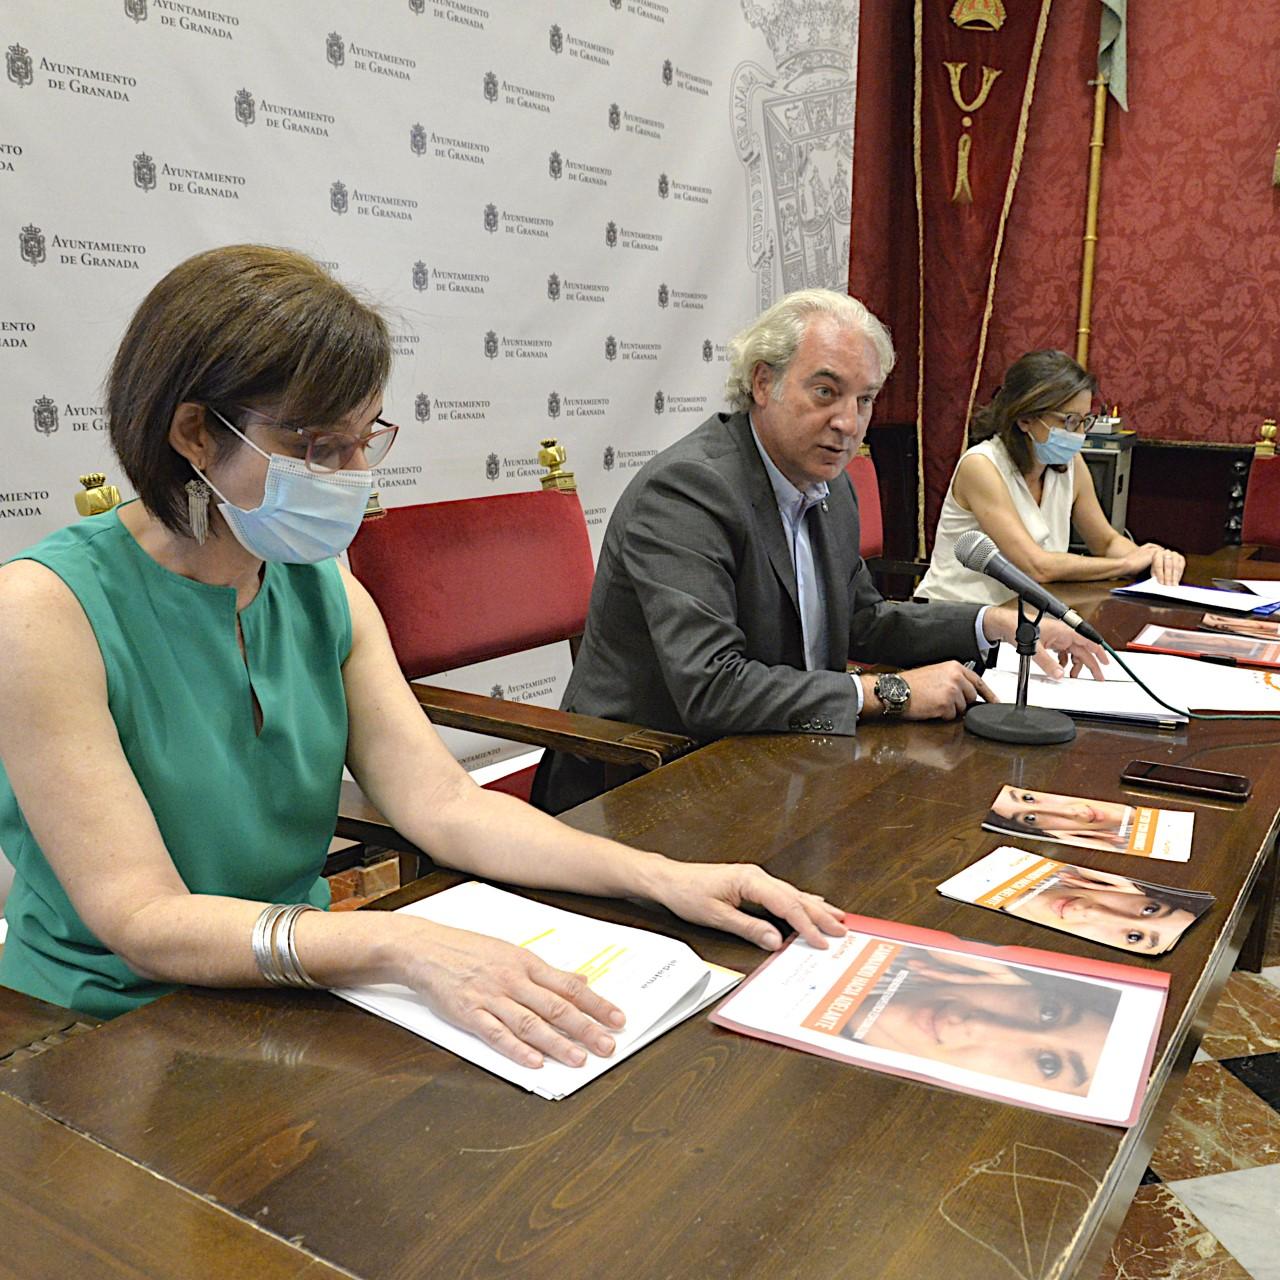 Ayuntamiento y la Asociación Aldaima impulsan un programa de colaboración dirigido a menores con traumas familiares